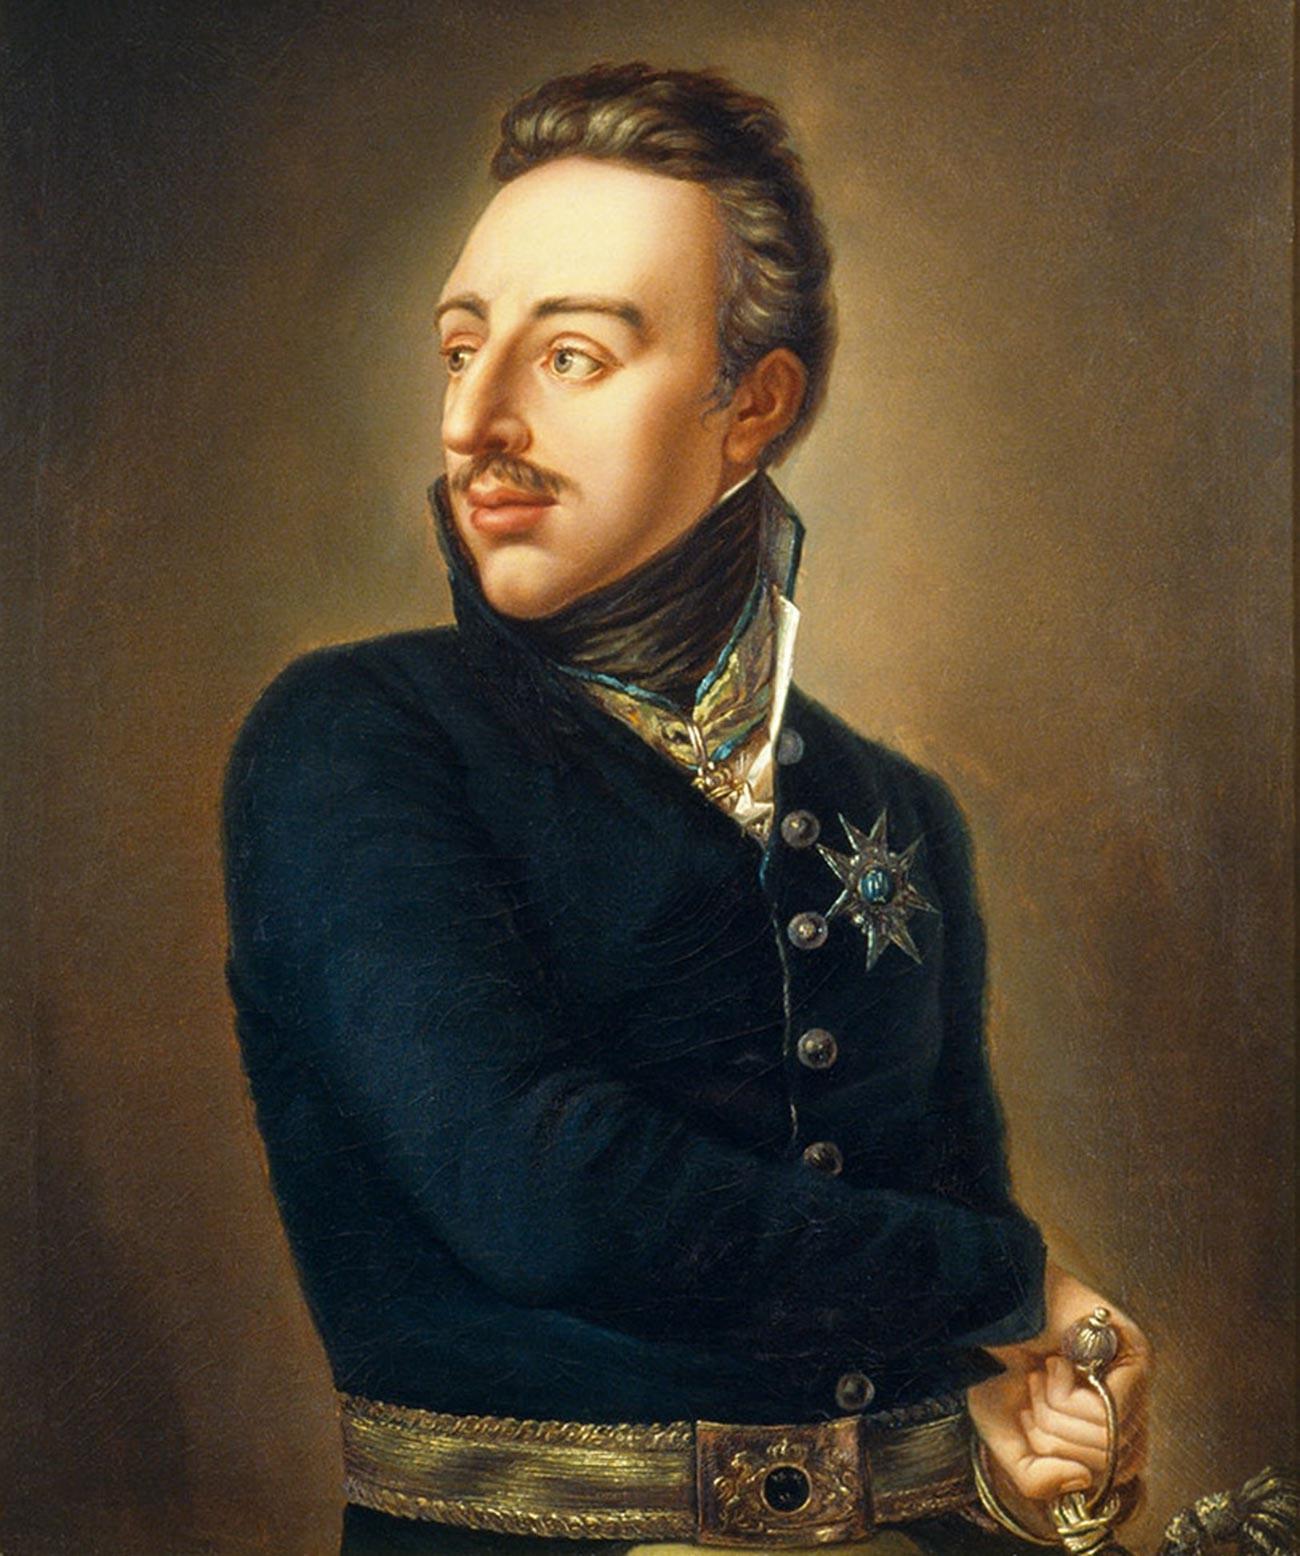 Il re Gustavo IV Adolfo di Svezia